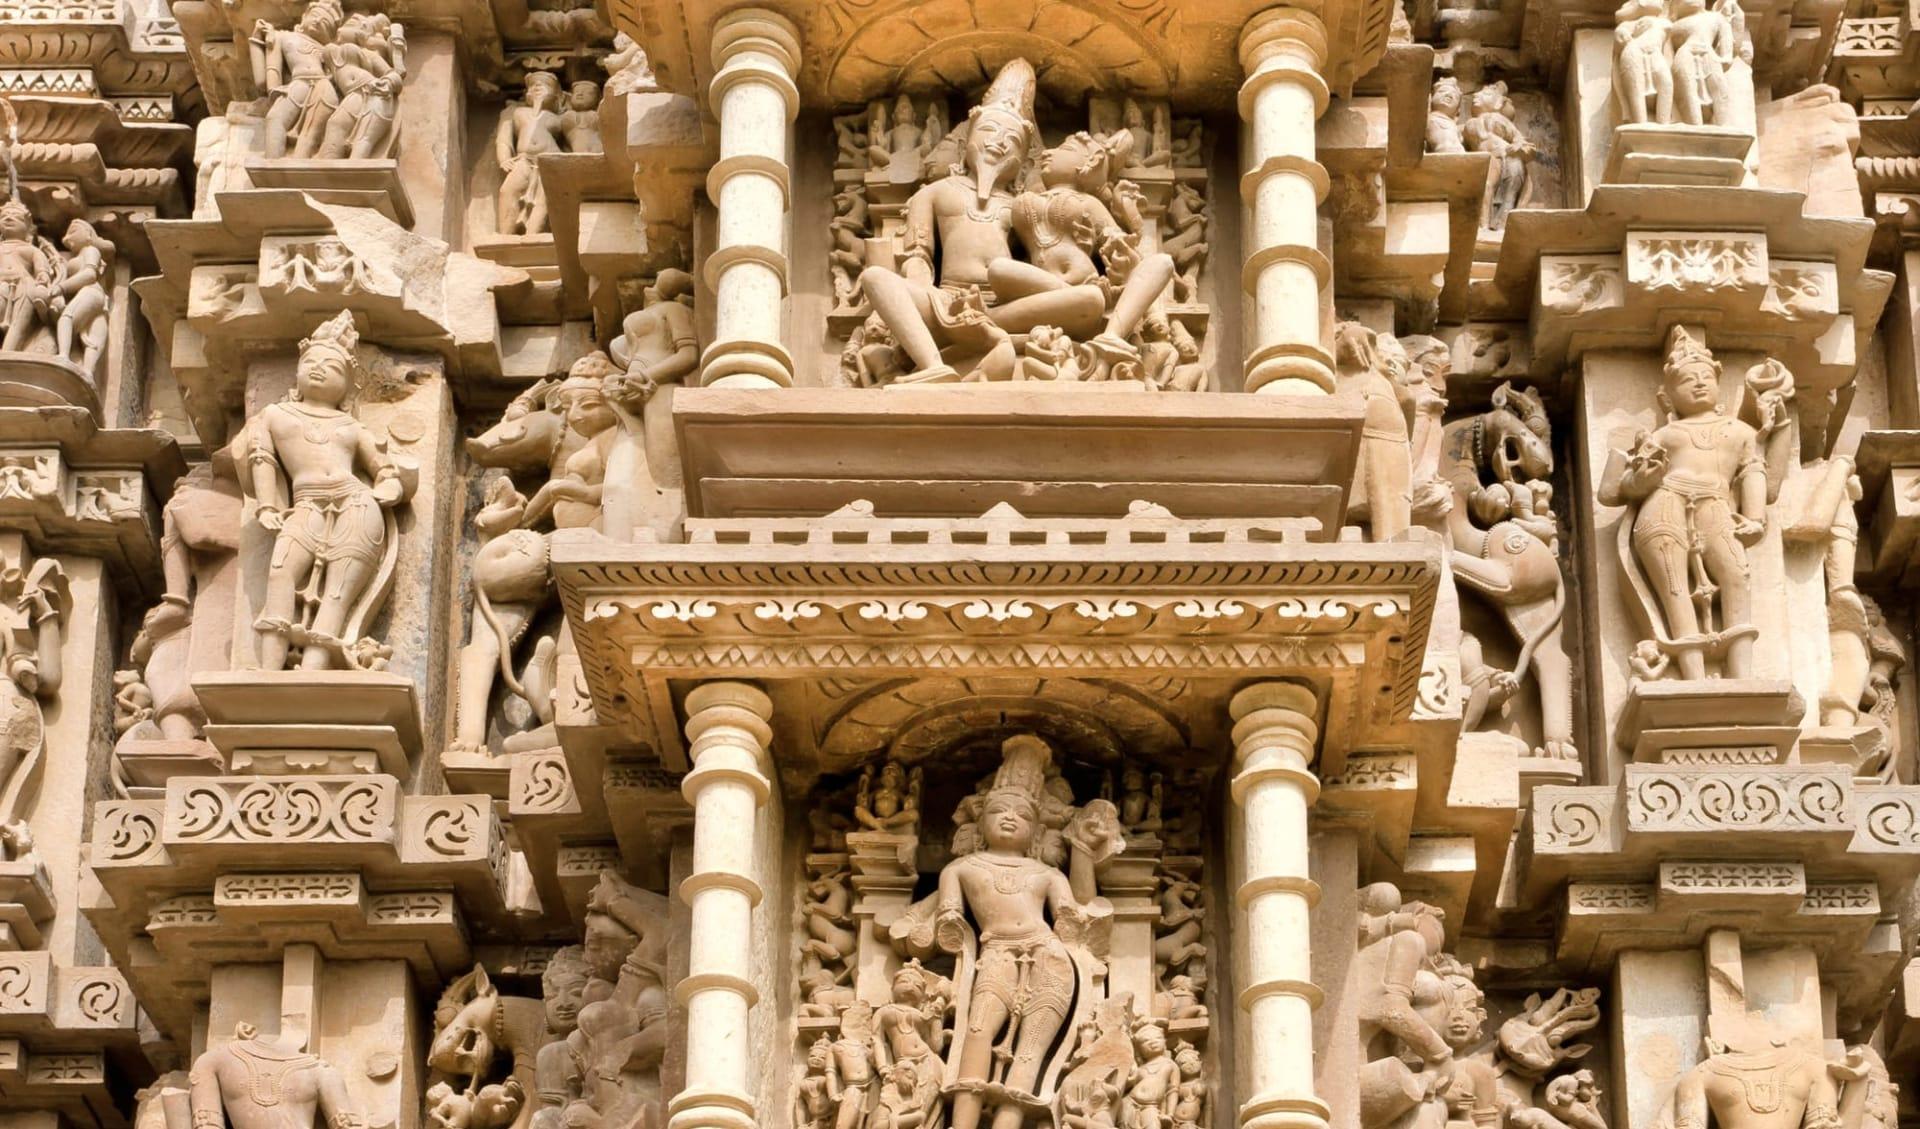 Reise zum heiligen Ganges ab Delhi: Sculptures, temple of Khajuraho